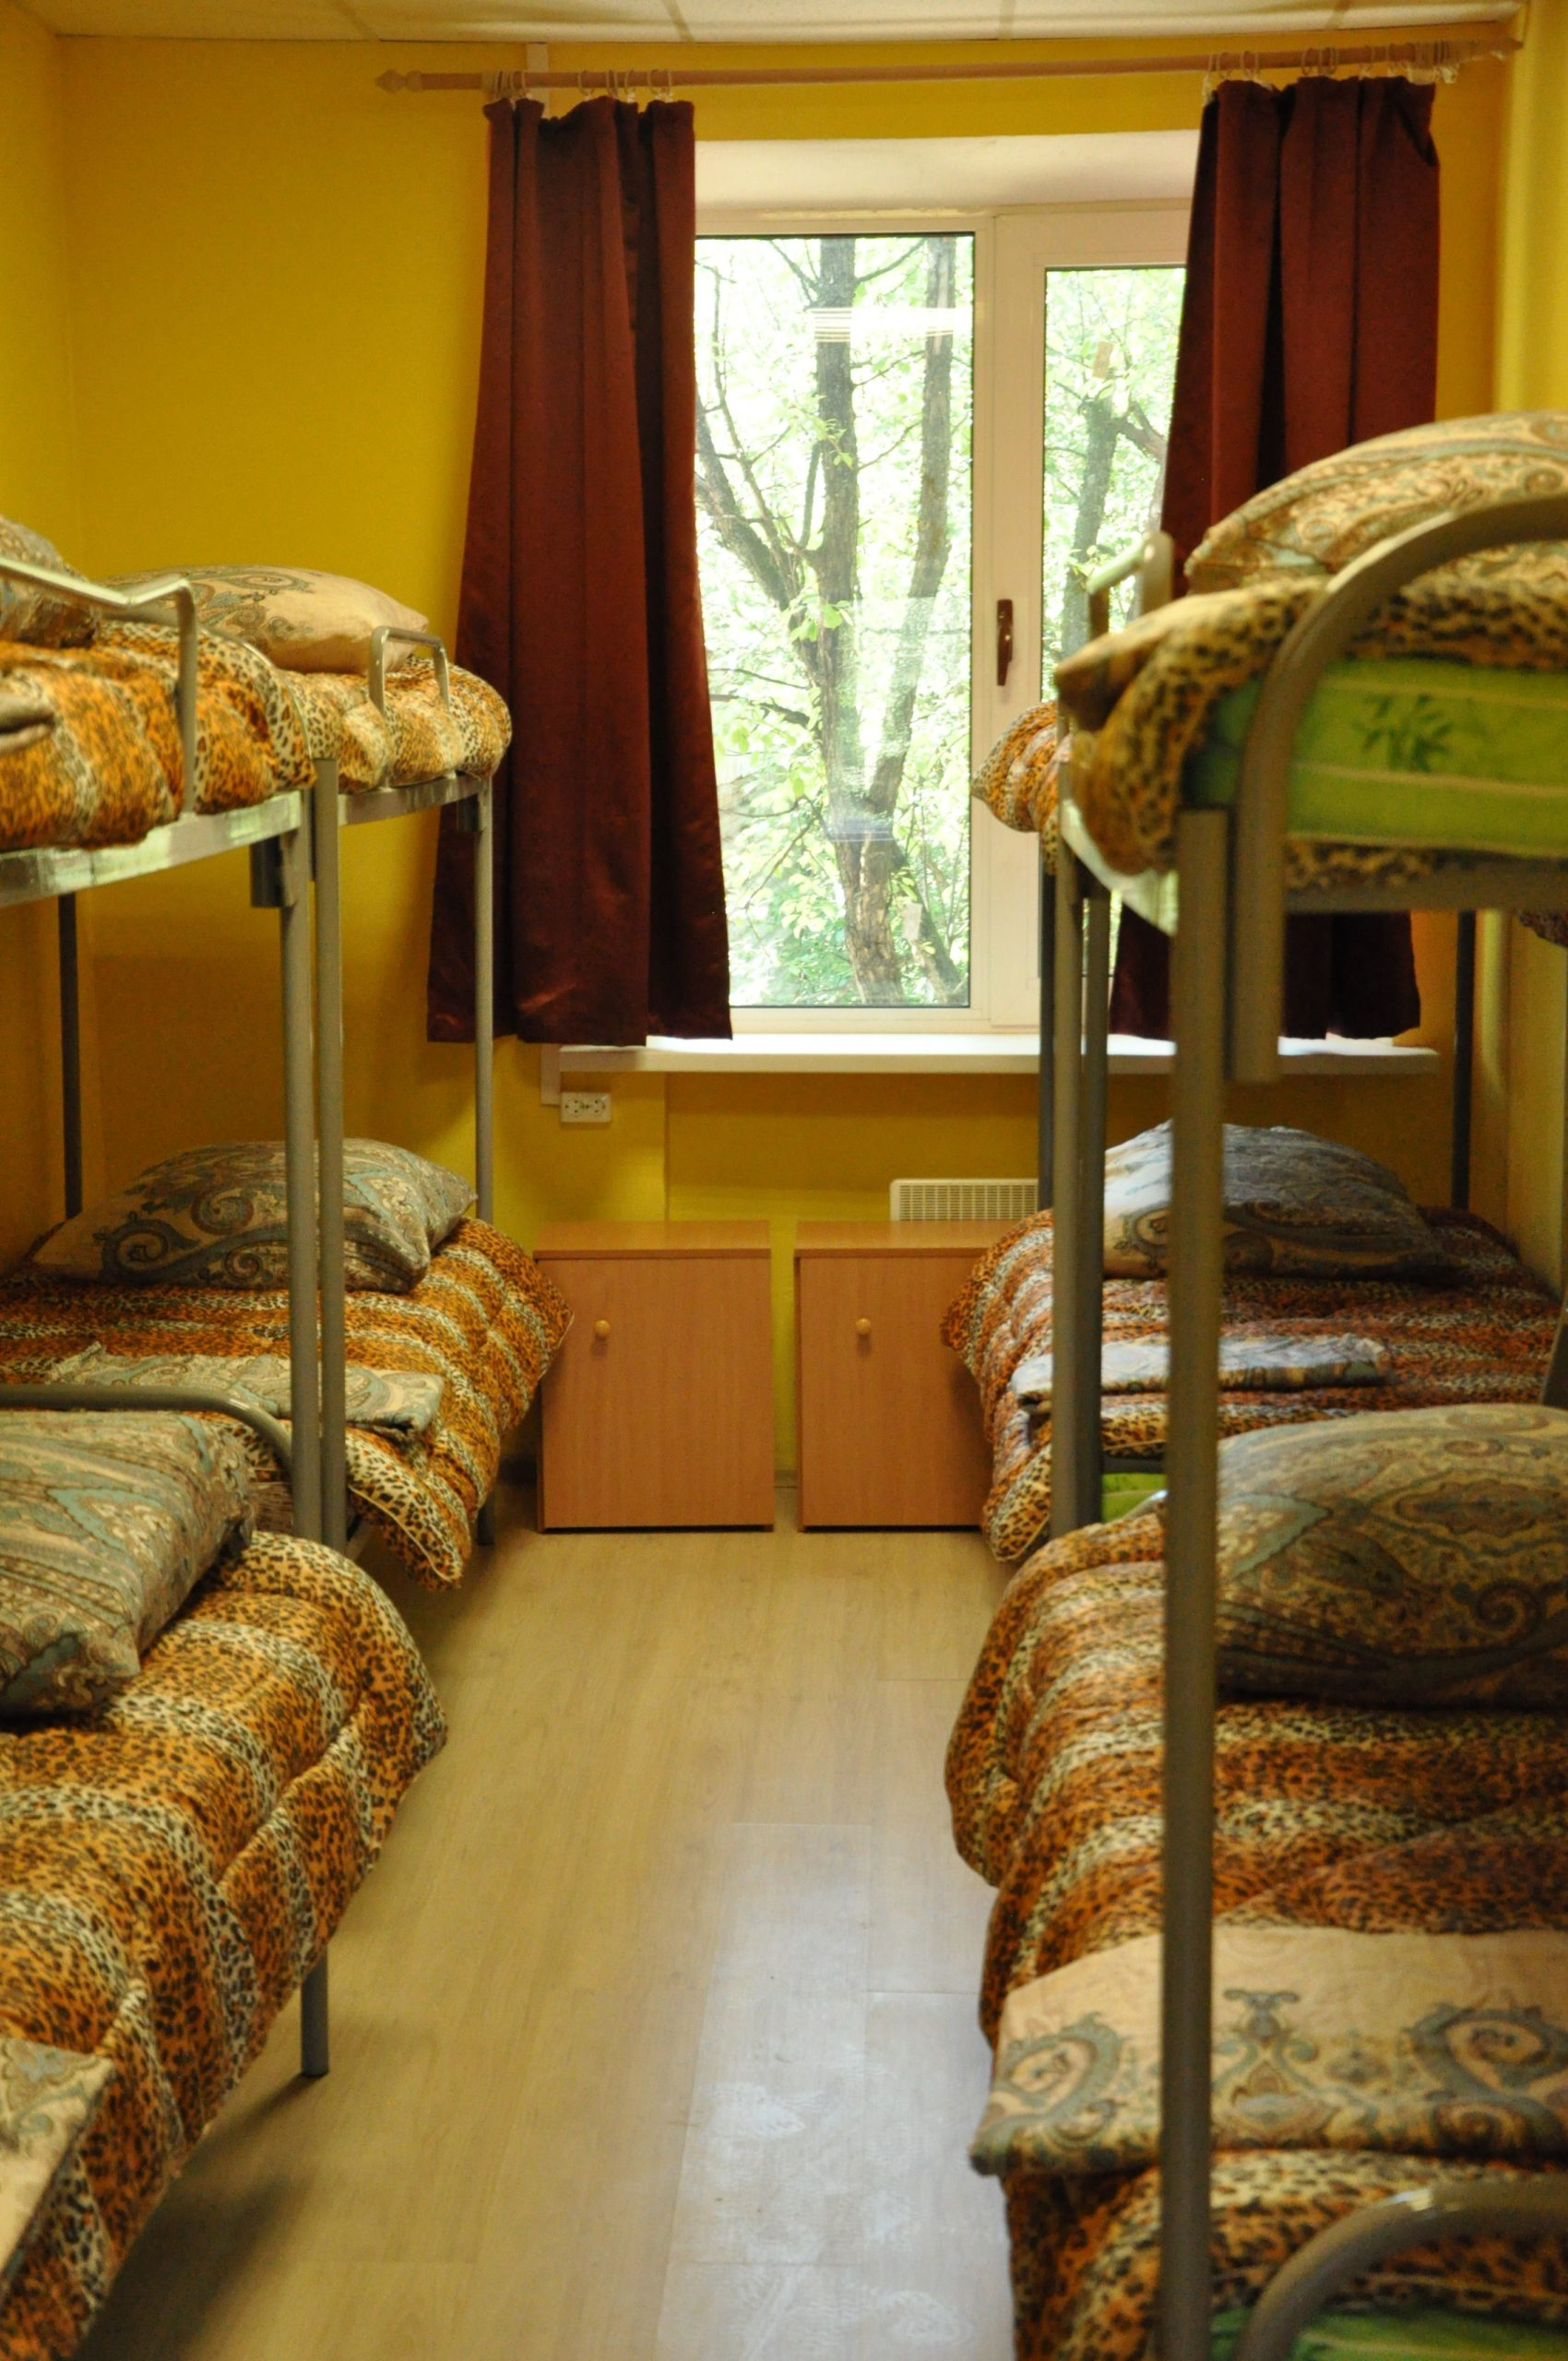 хостел недорого 8ми местная комната в химках